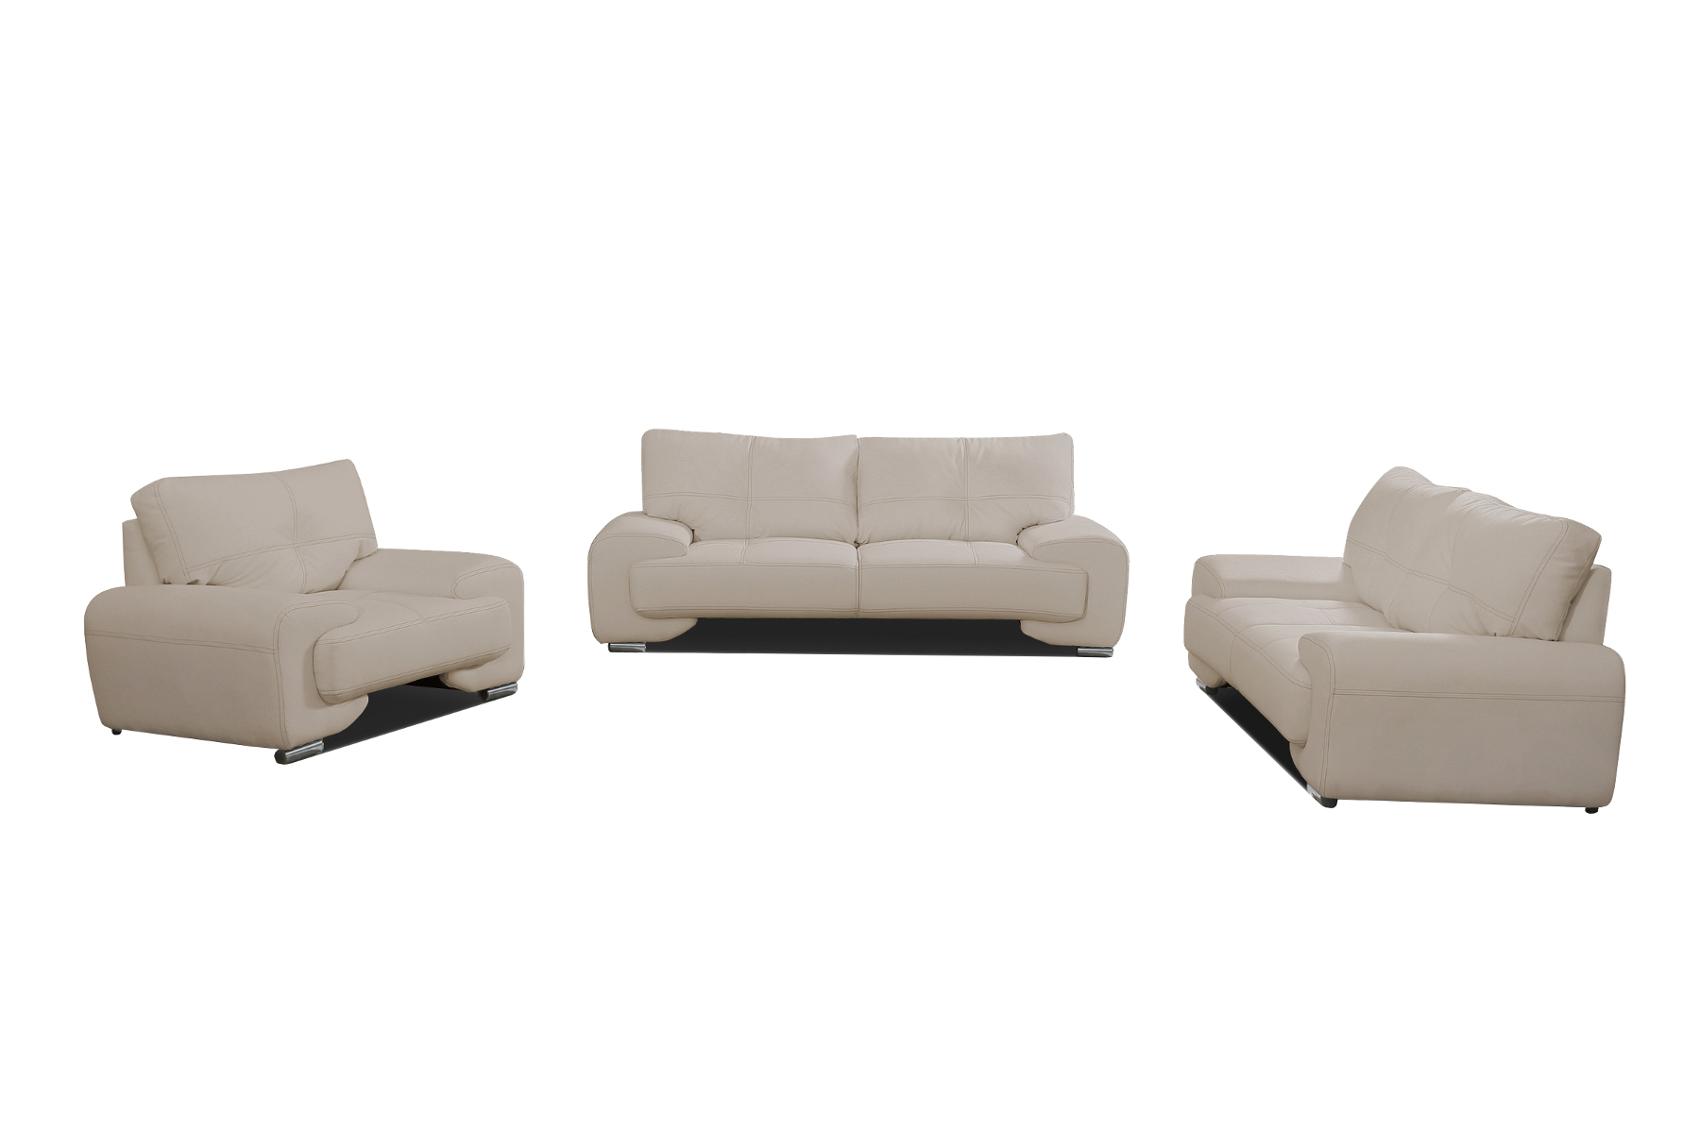 sofa set sofagarnitur couch 3er 2er sessel 3 2 1 kunstleder braun florida lux ebay. Black Bedroom Furniture Sets. Home Design Ideas